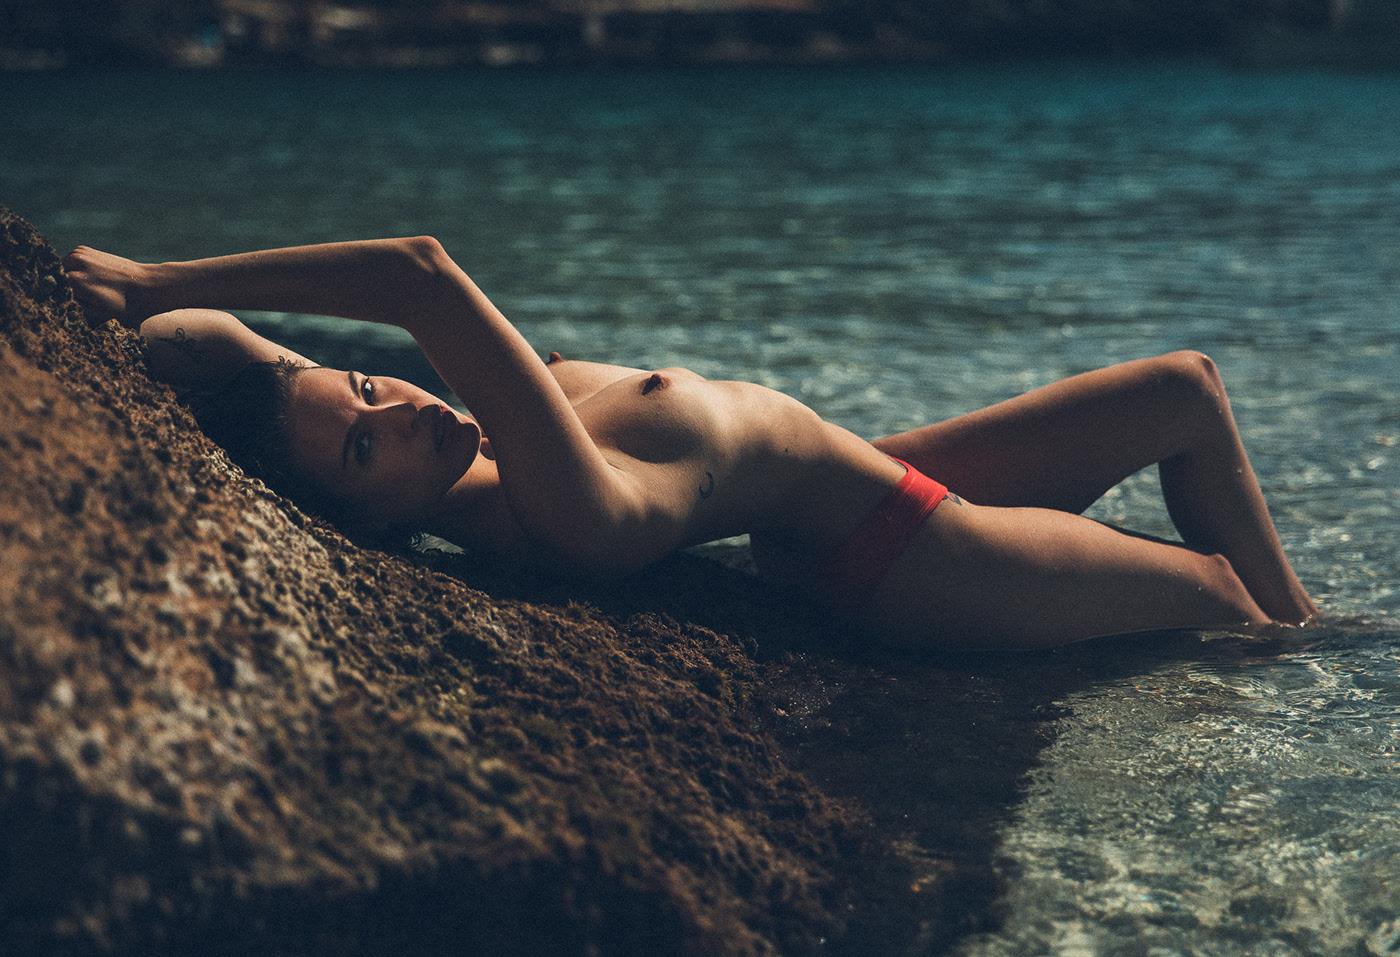 Melanie De Toni / фотограф Thomas Agatz